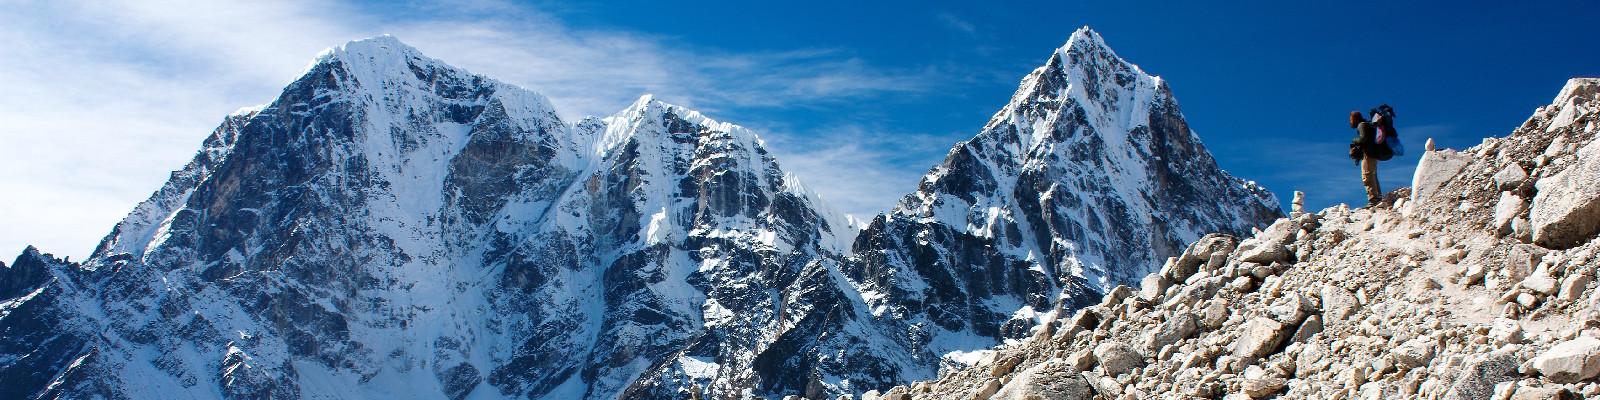 Nepal Tours (photo by emifaulk)